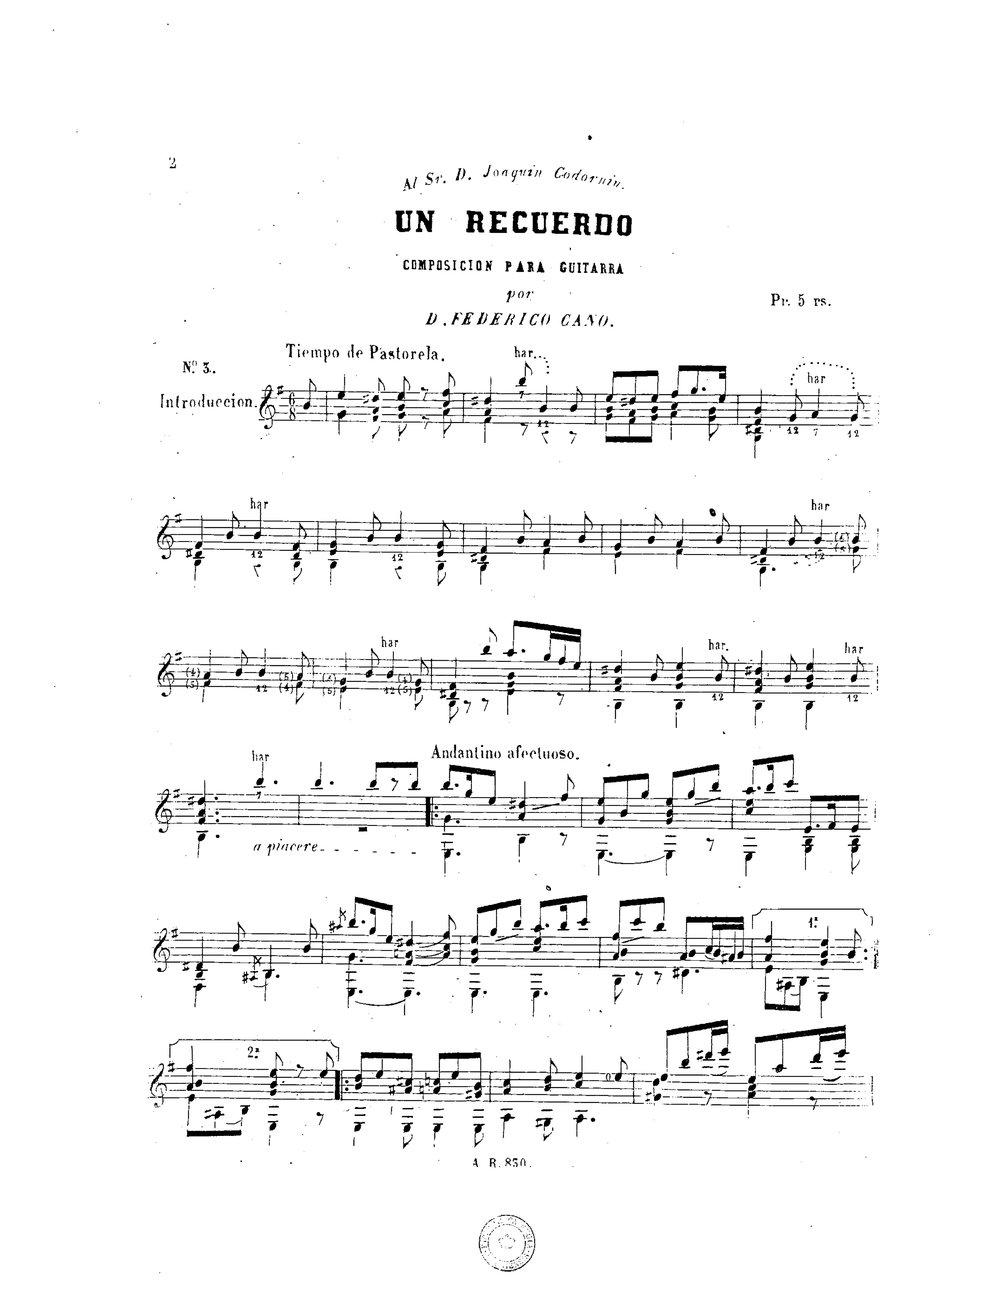 Album de composiciones de mediana dificultad (Cano, Antonio) 5.jpg